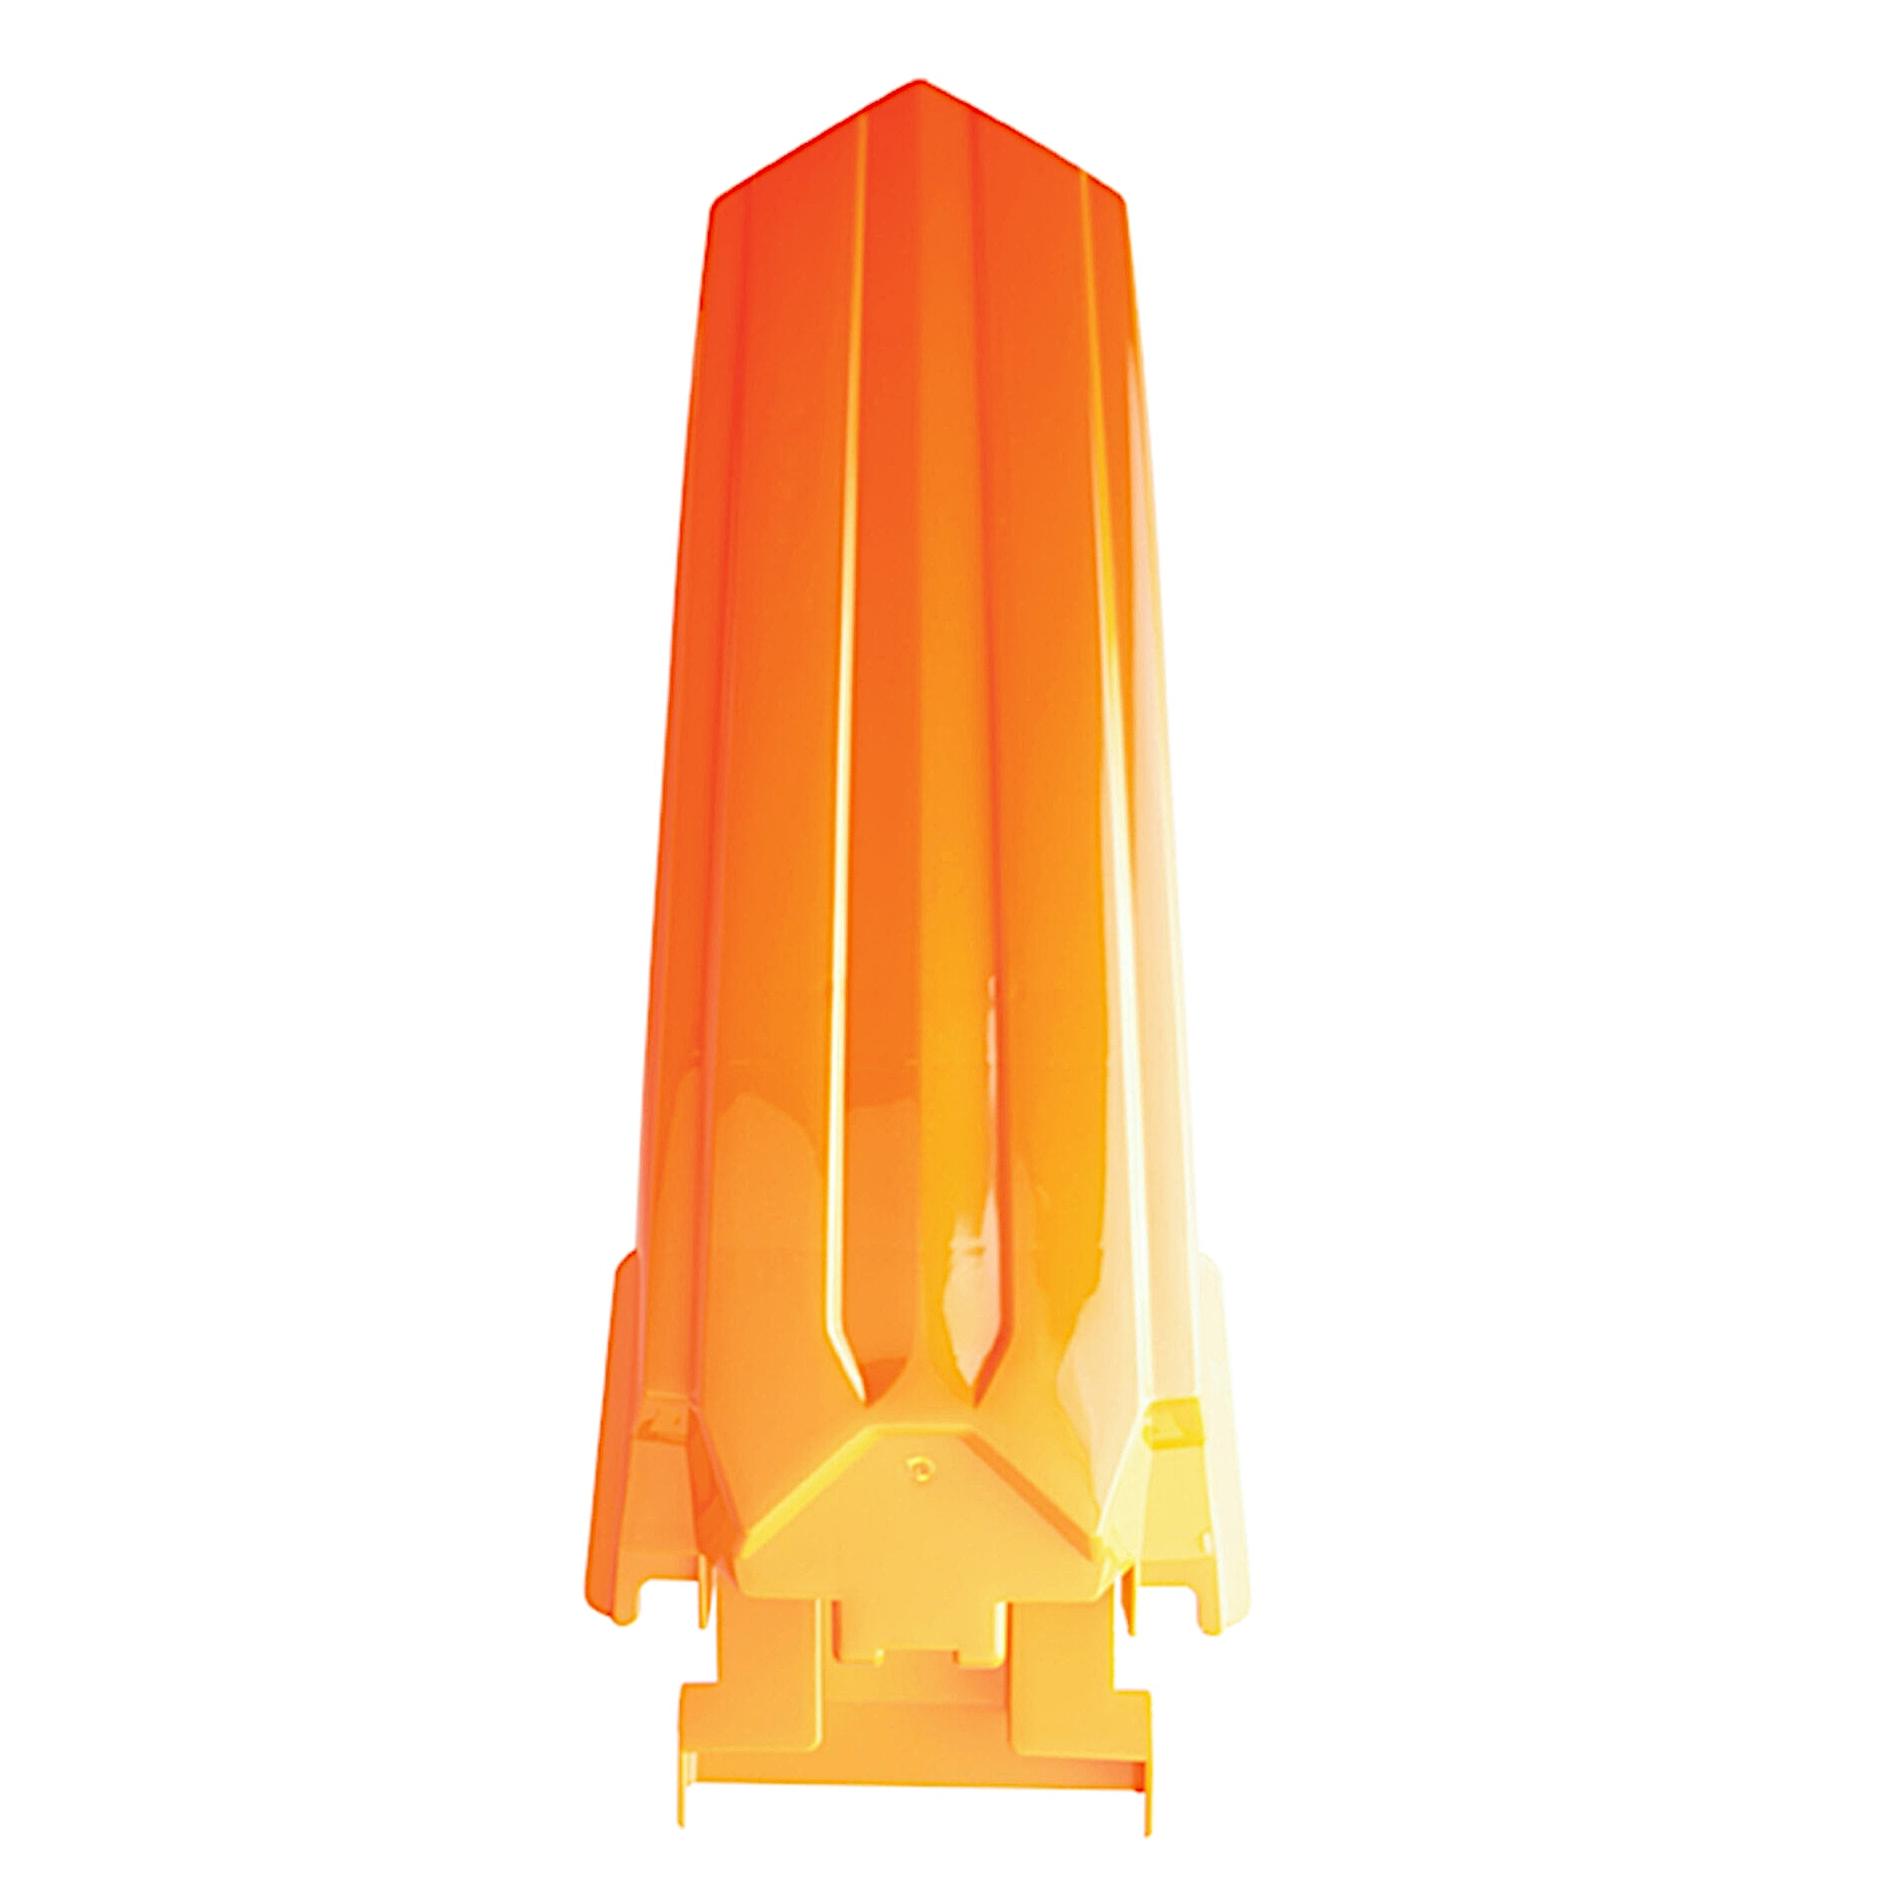 Garde boue arrière Rieju 50 MRT / MRT Pro 09- orange